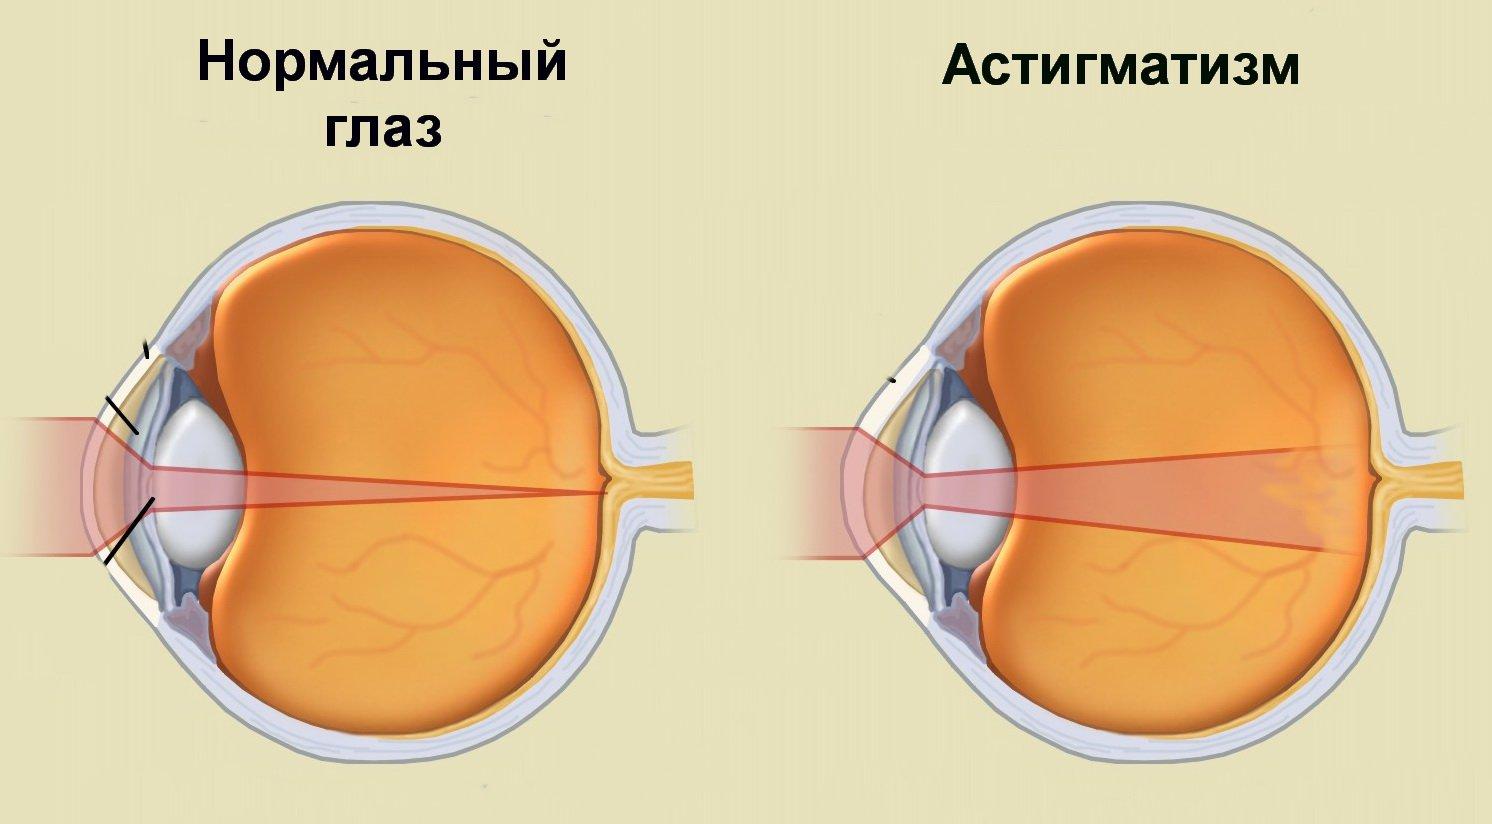 látás asztigmatizmus gyakorlása)